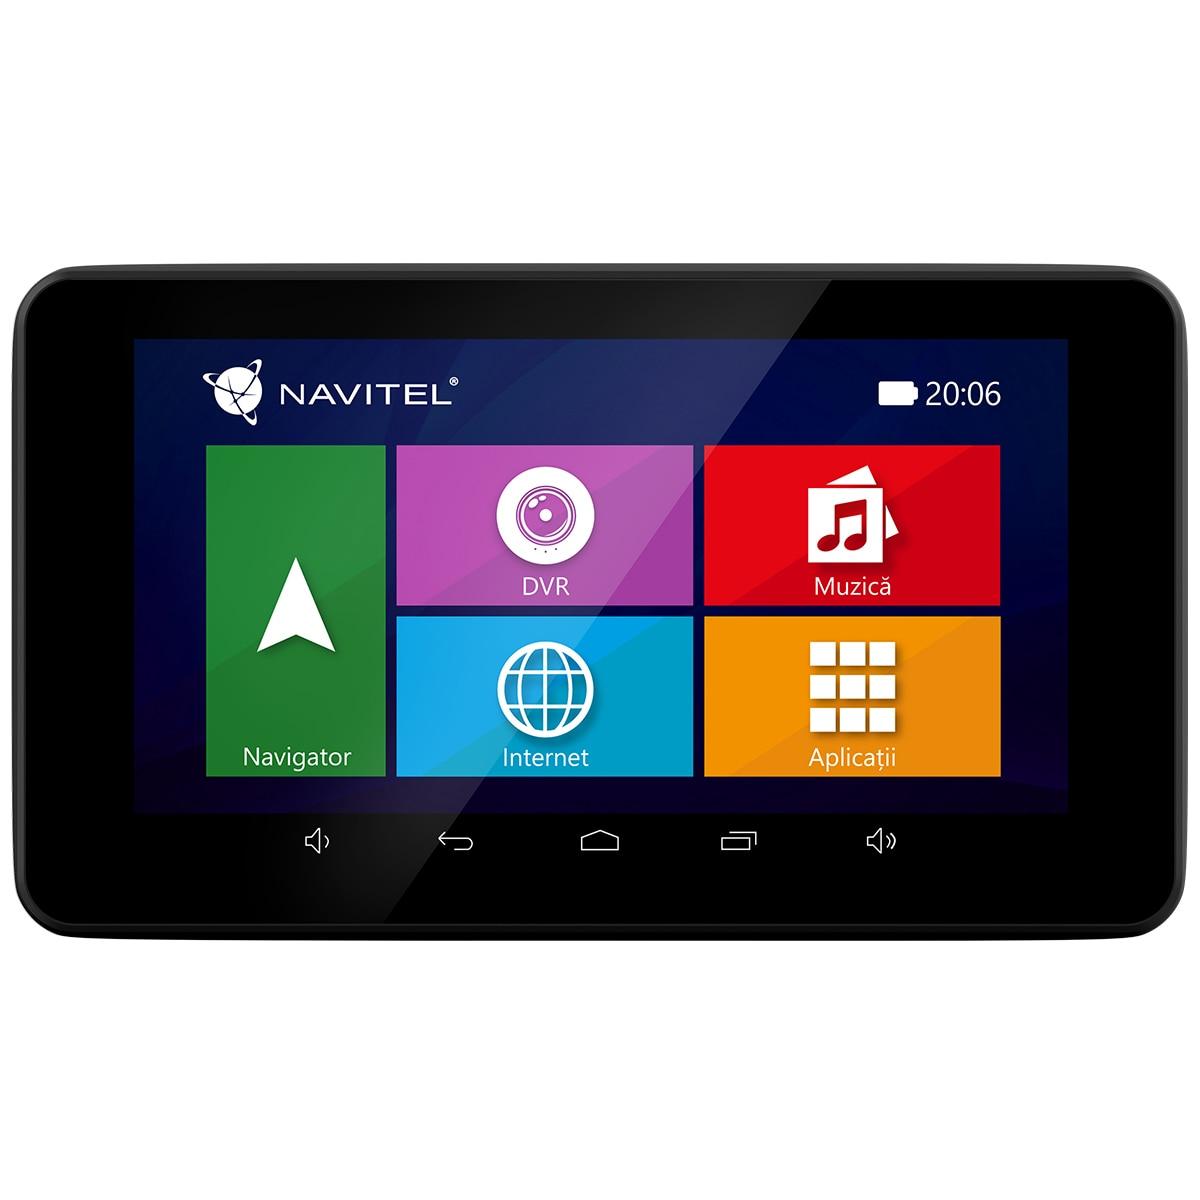 """Fotografie Camera Auto DVR si GPS Navitel RE900 Combo 2 in 1, camera Full HD, ecran 5"""", Android, 3G, Wi-Fi, bluetooth 4.0, transmitttor FM, harti Full EU cu actualizare lifetime"""